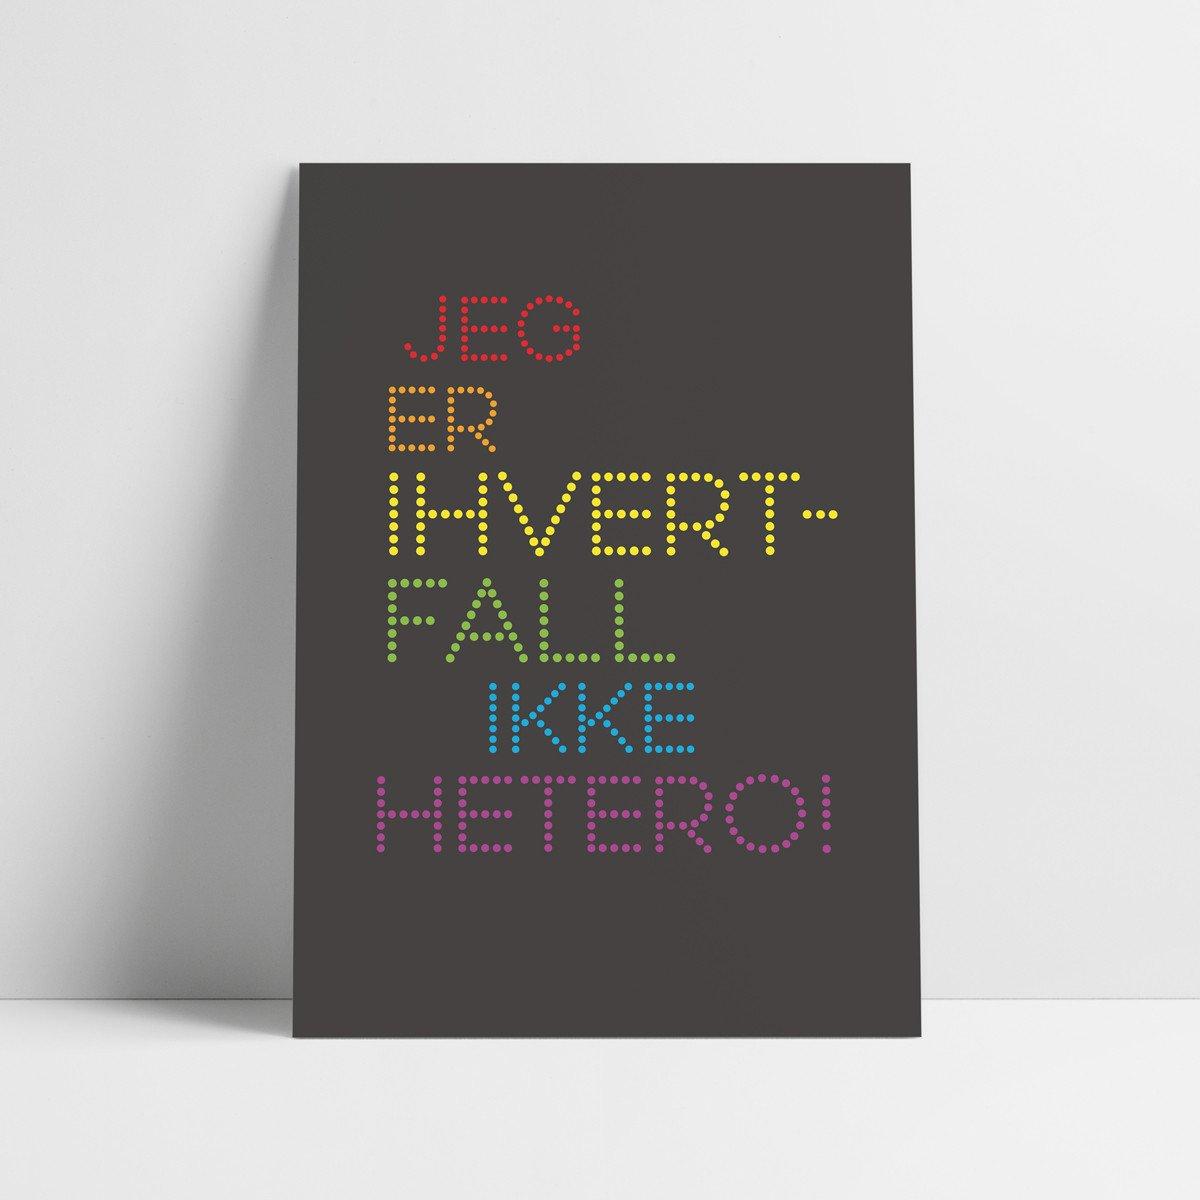 Probat - Plakat - hvertfall ikke hetero